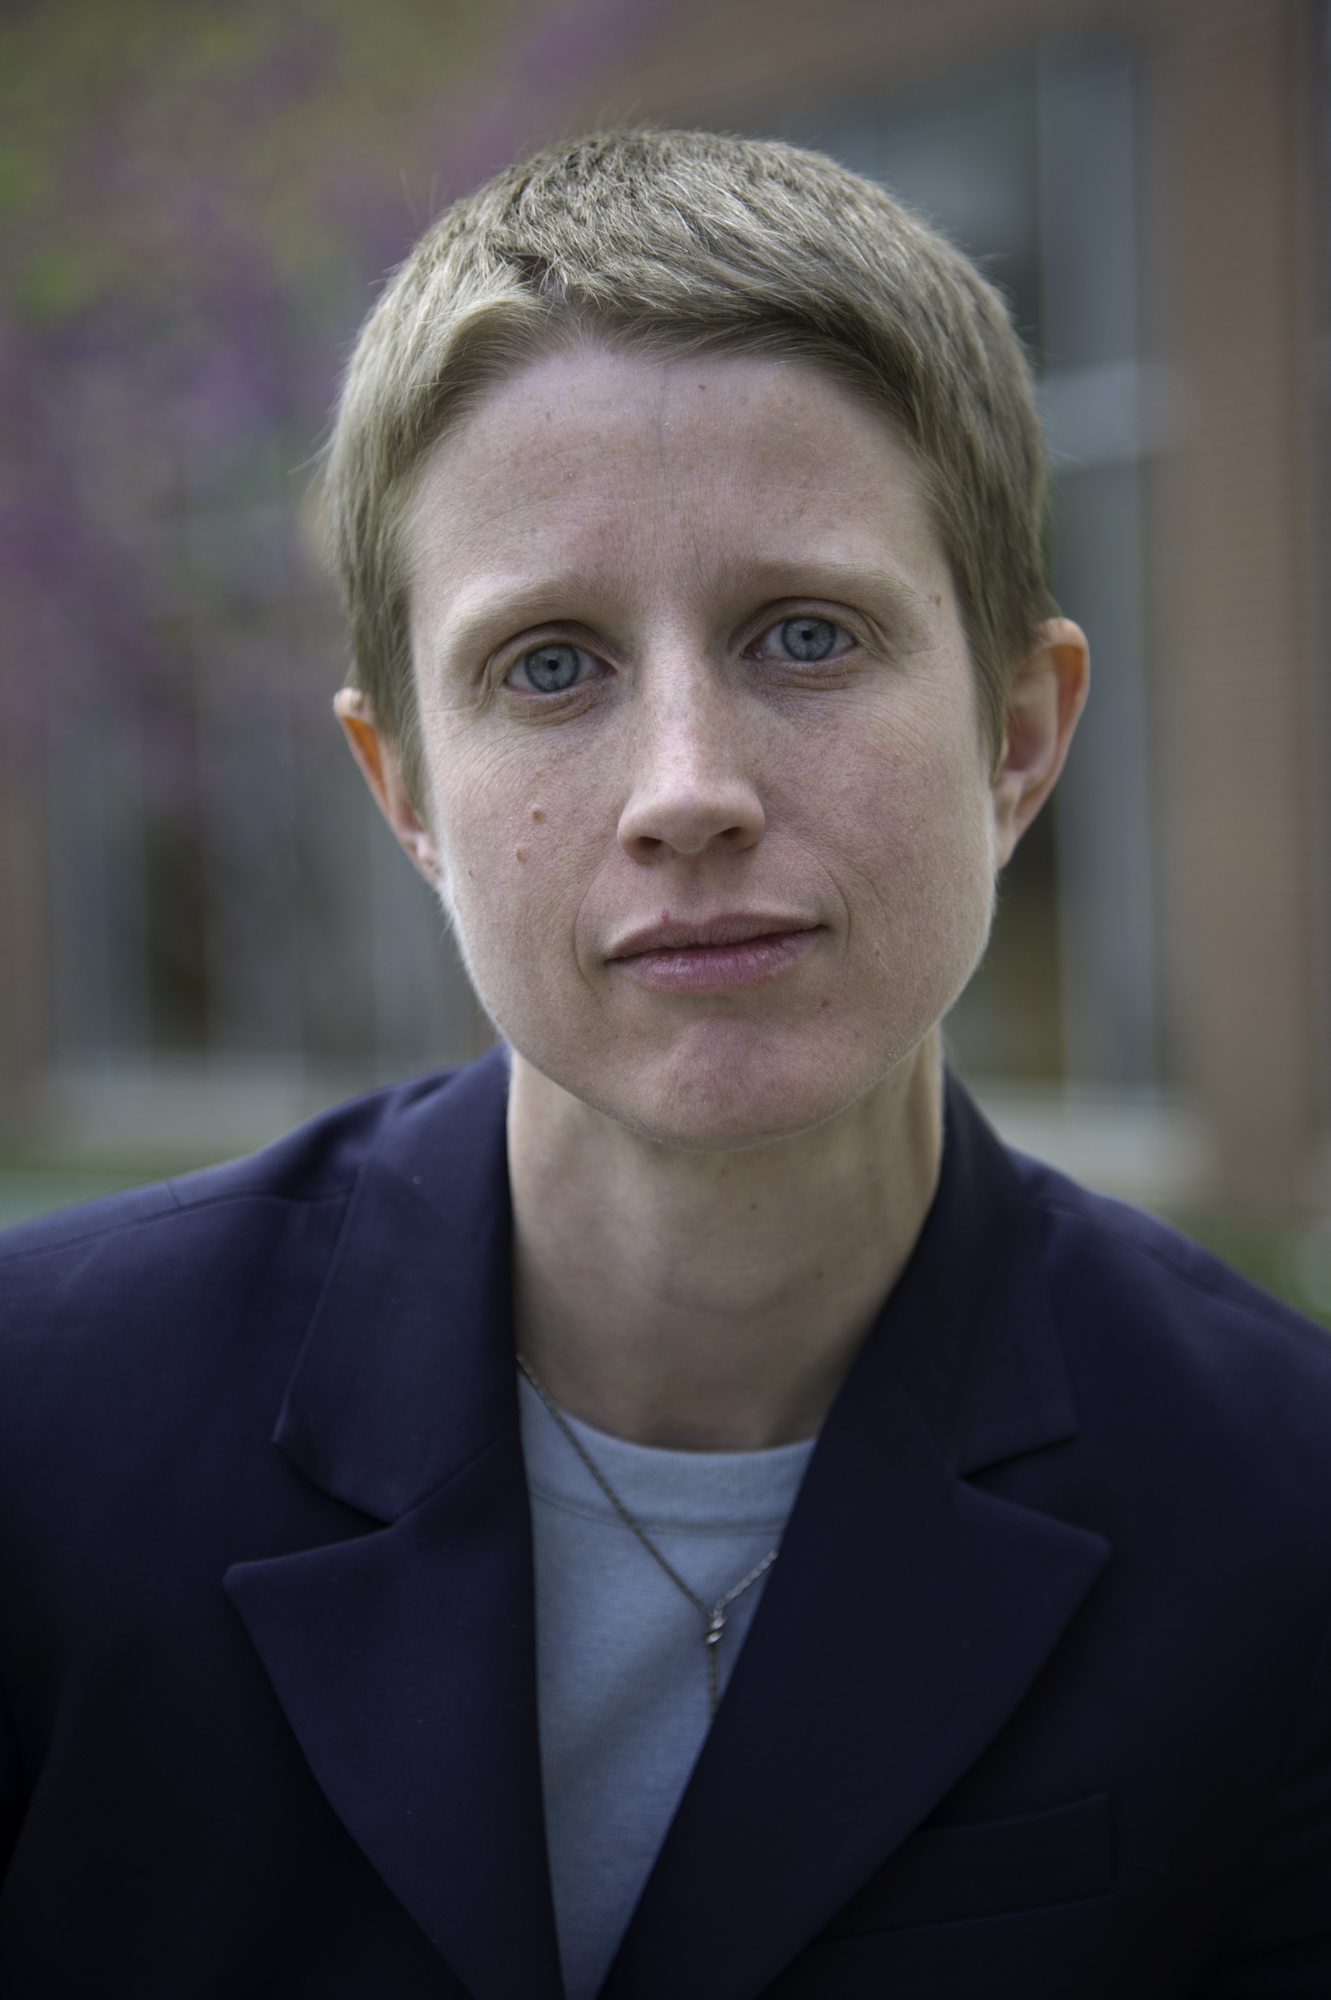 Katie Eyer